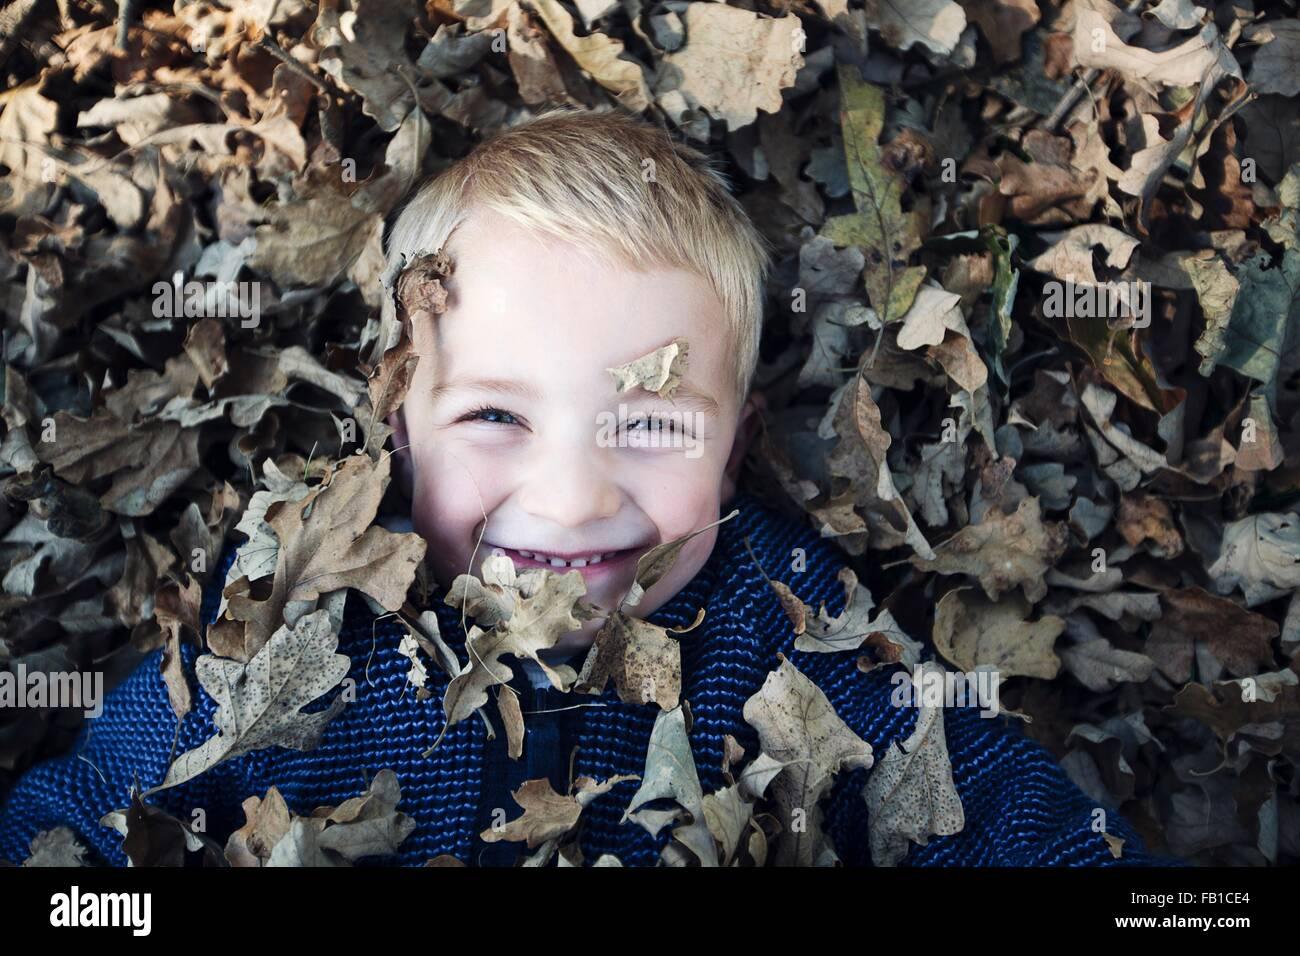 Vue de dessus de garçon couché recouvert de feuilles d'automne smiling at camera Photo Stock